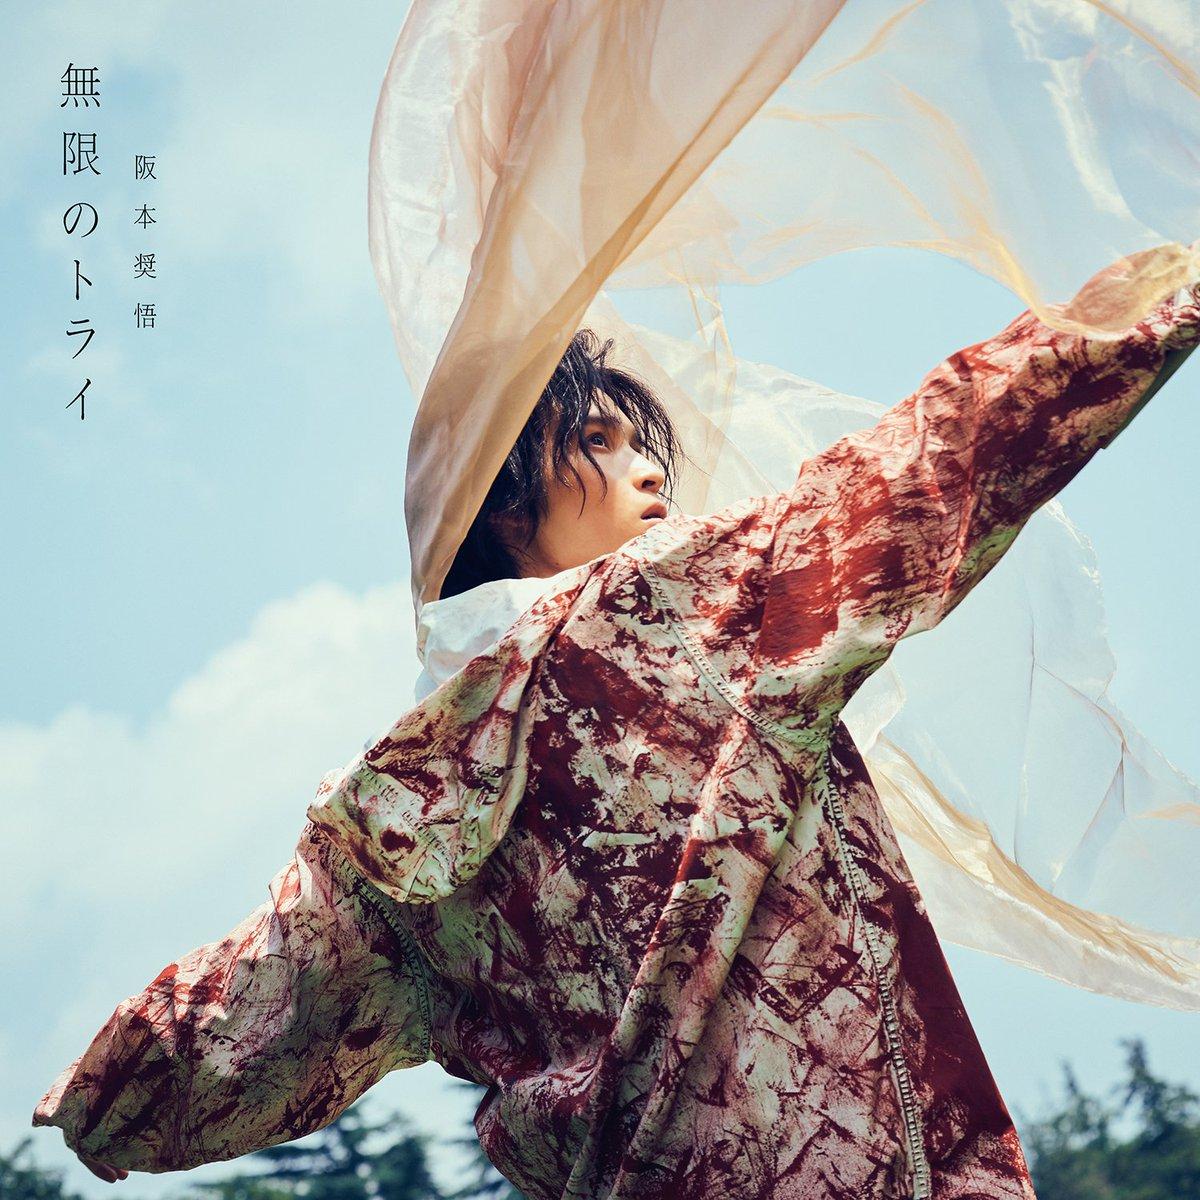 『阪本奨悟 - 永炎』収録の『無限のトライ』ジャケット